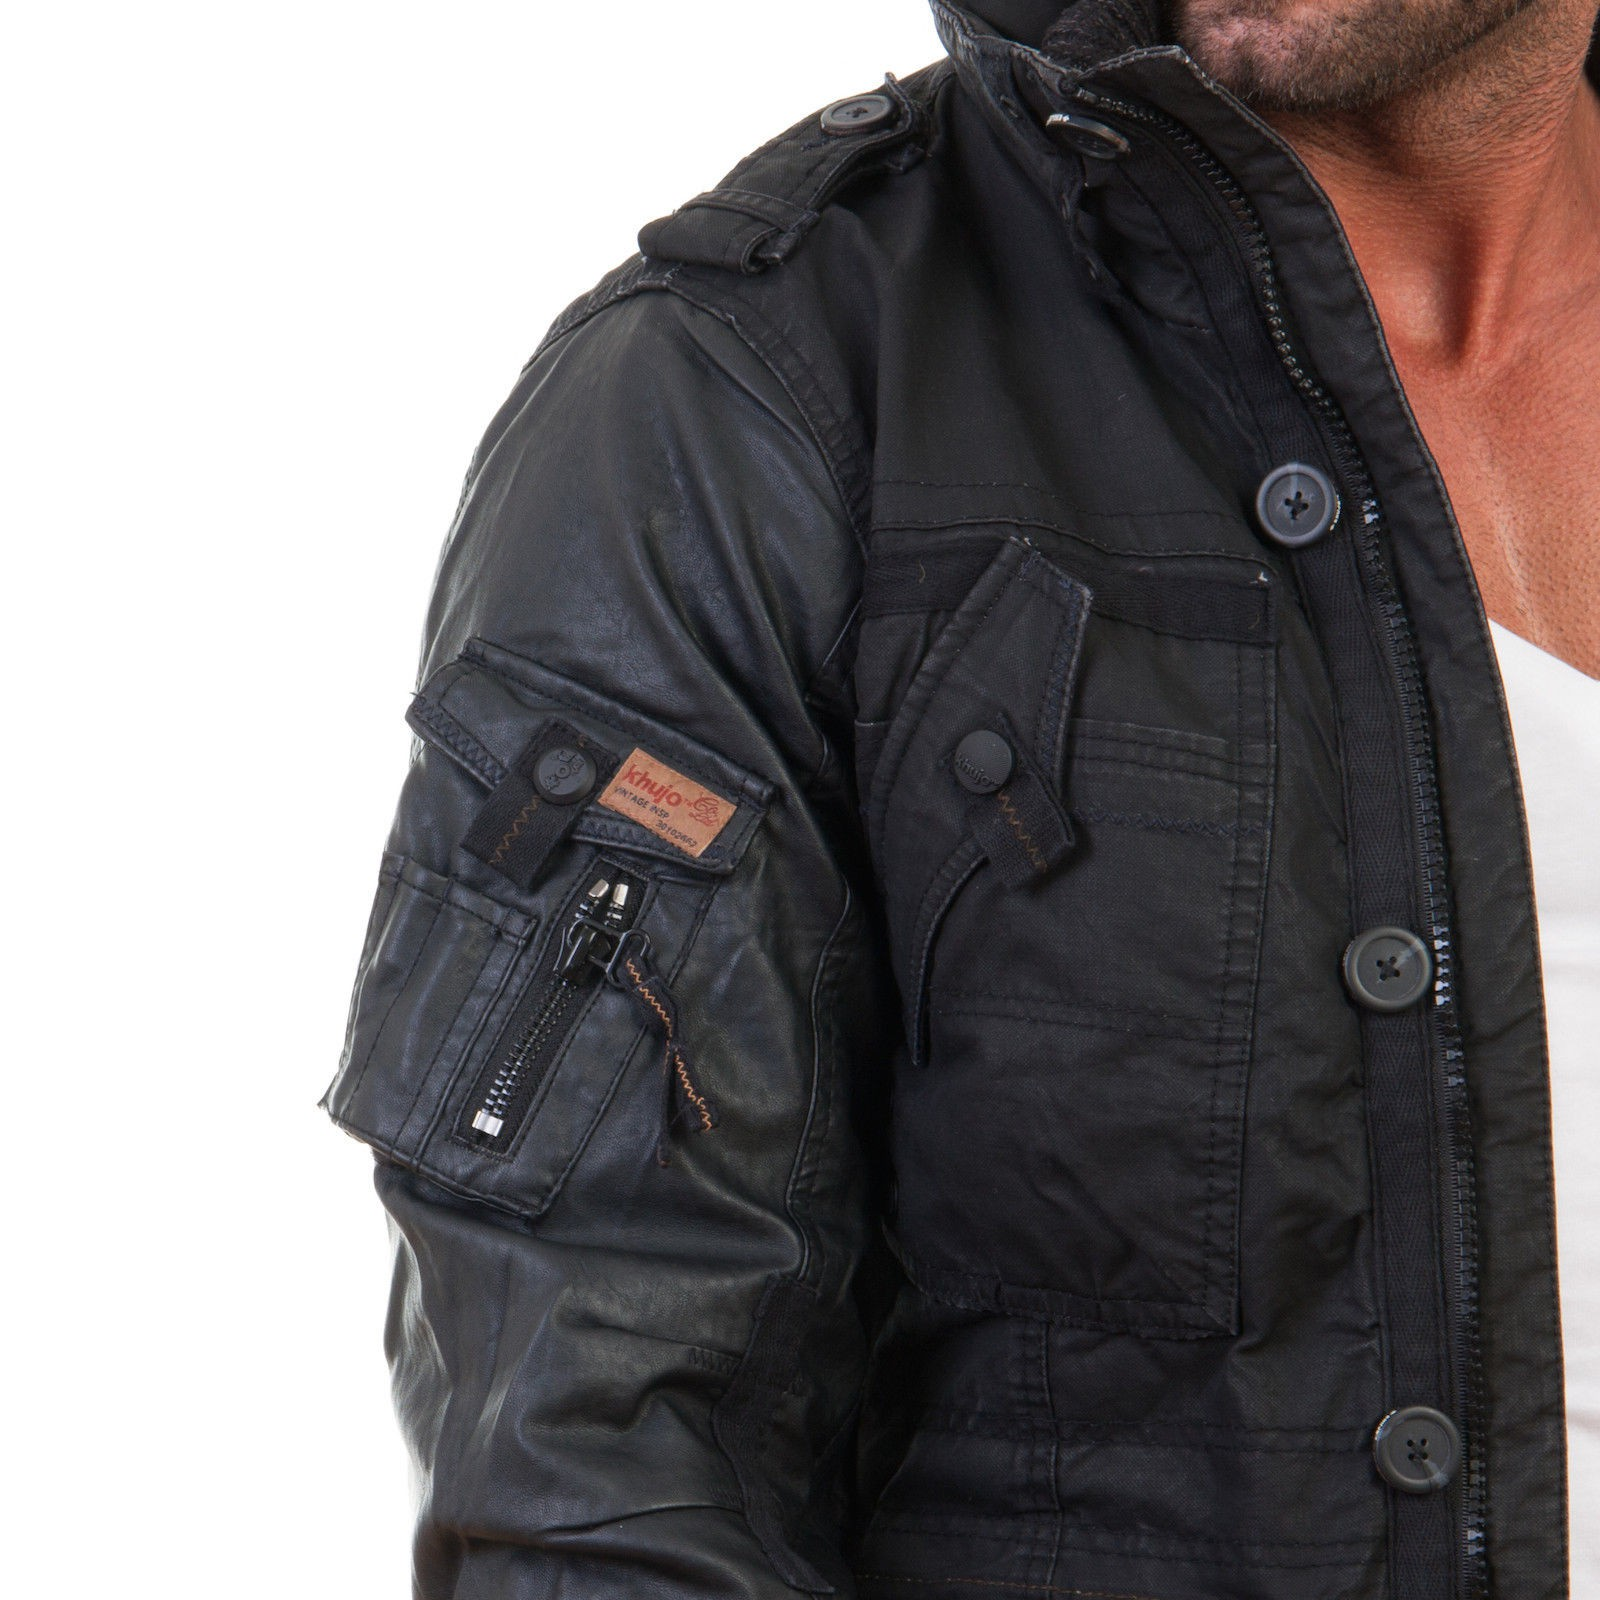 khujo men 39 s winter jacket pu faux leather jacket tomboy coat parker black s 2xl ebay. Black Bedroom Furniture Sets. Home Design Ideas